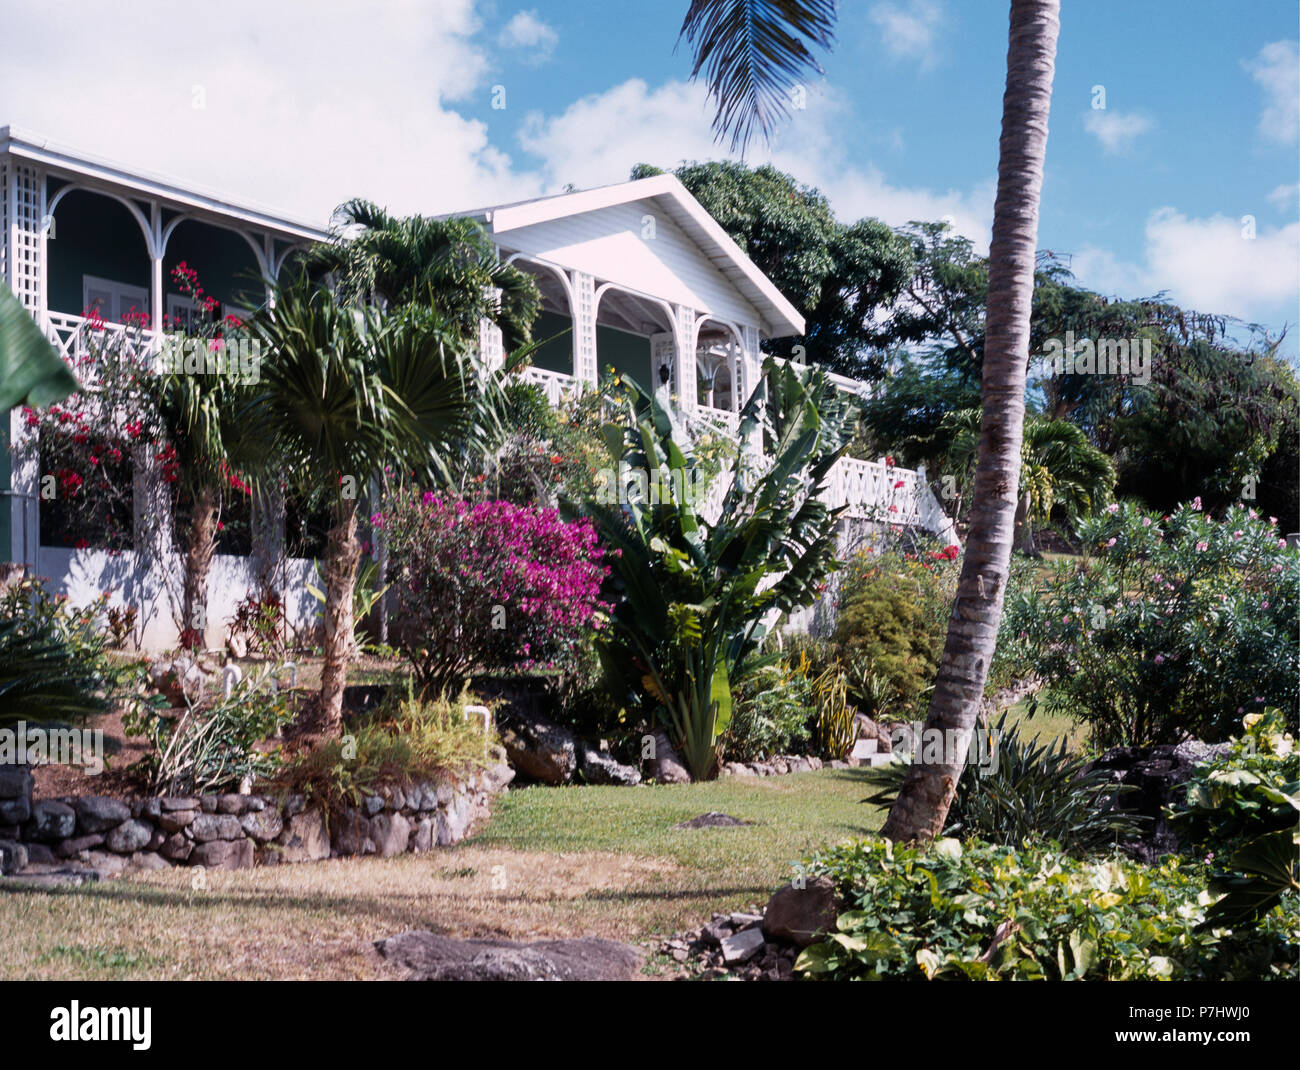 Palmiers Et Arbustes Exotiques Au Jardin En Face De Maison